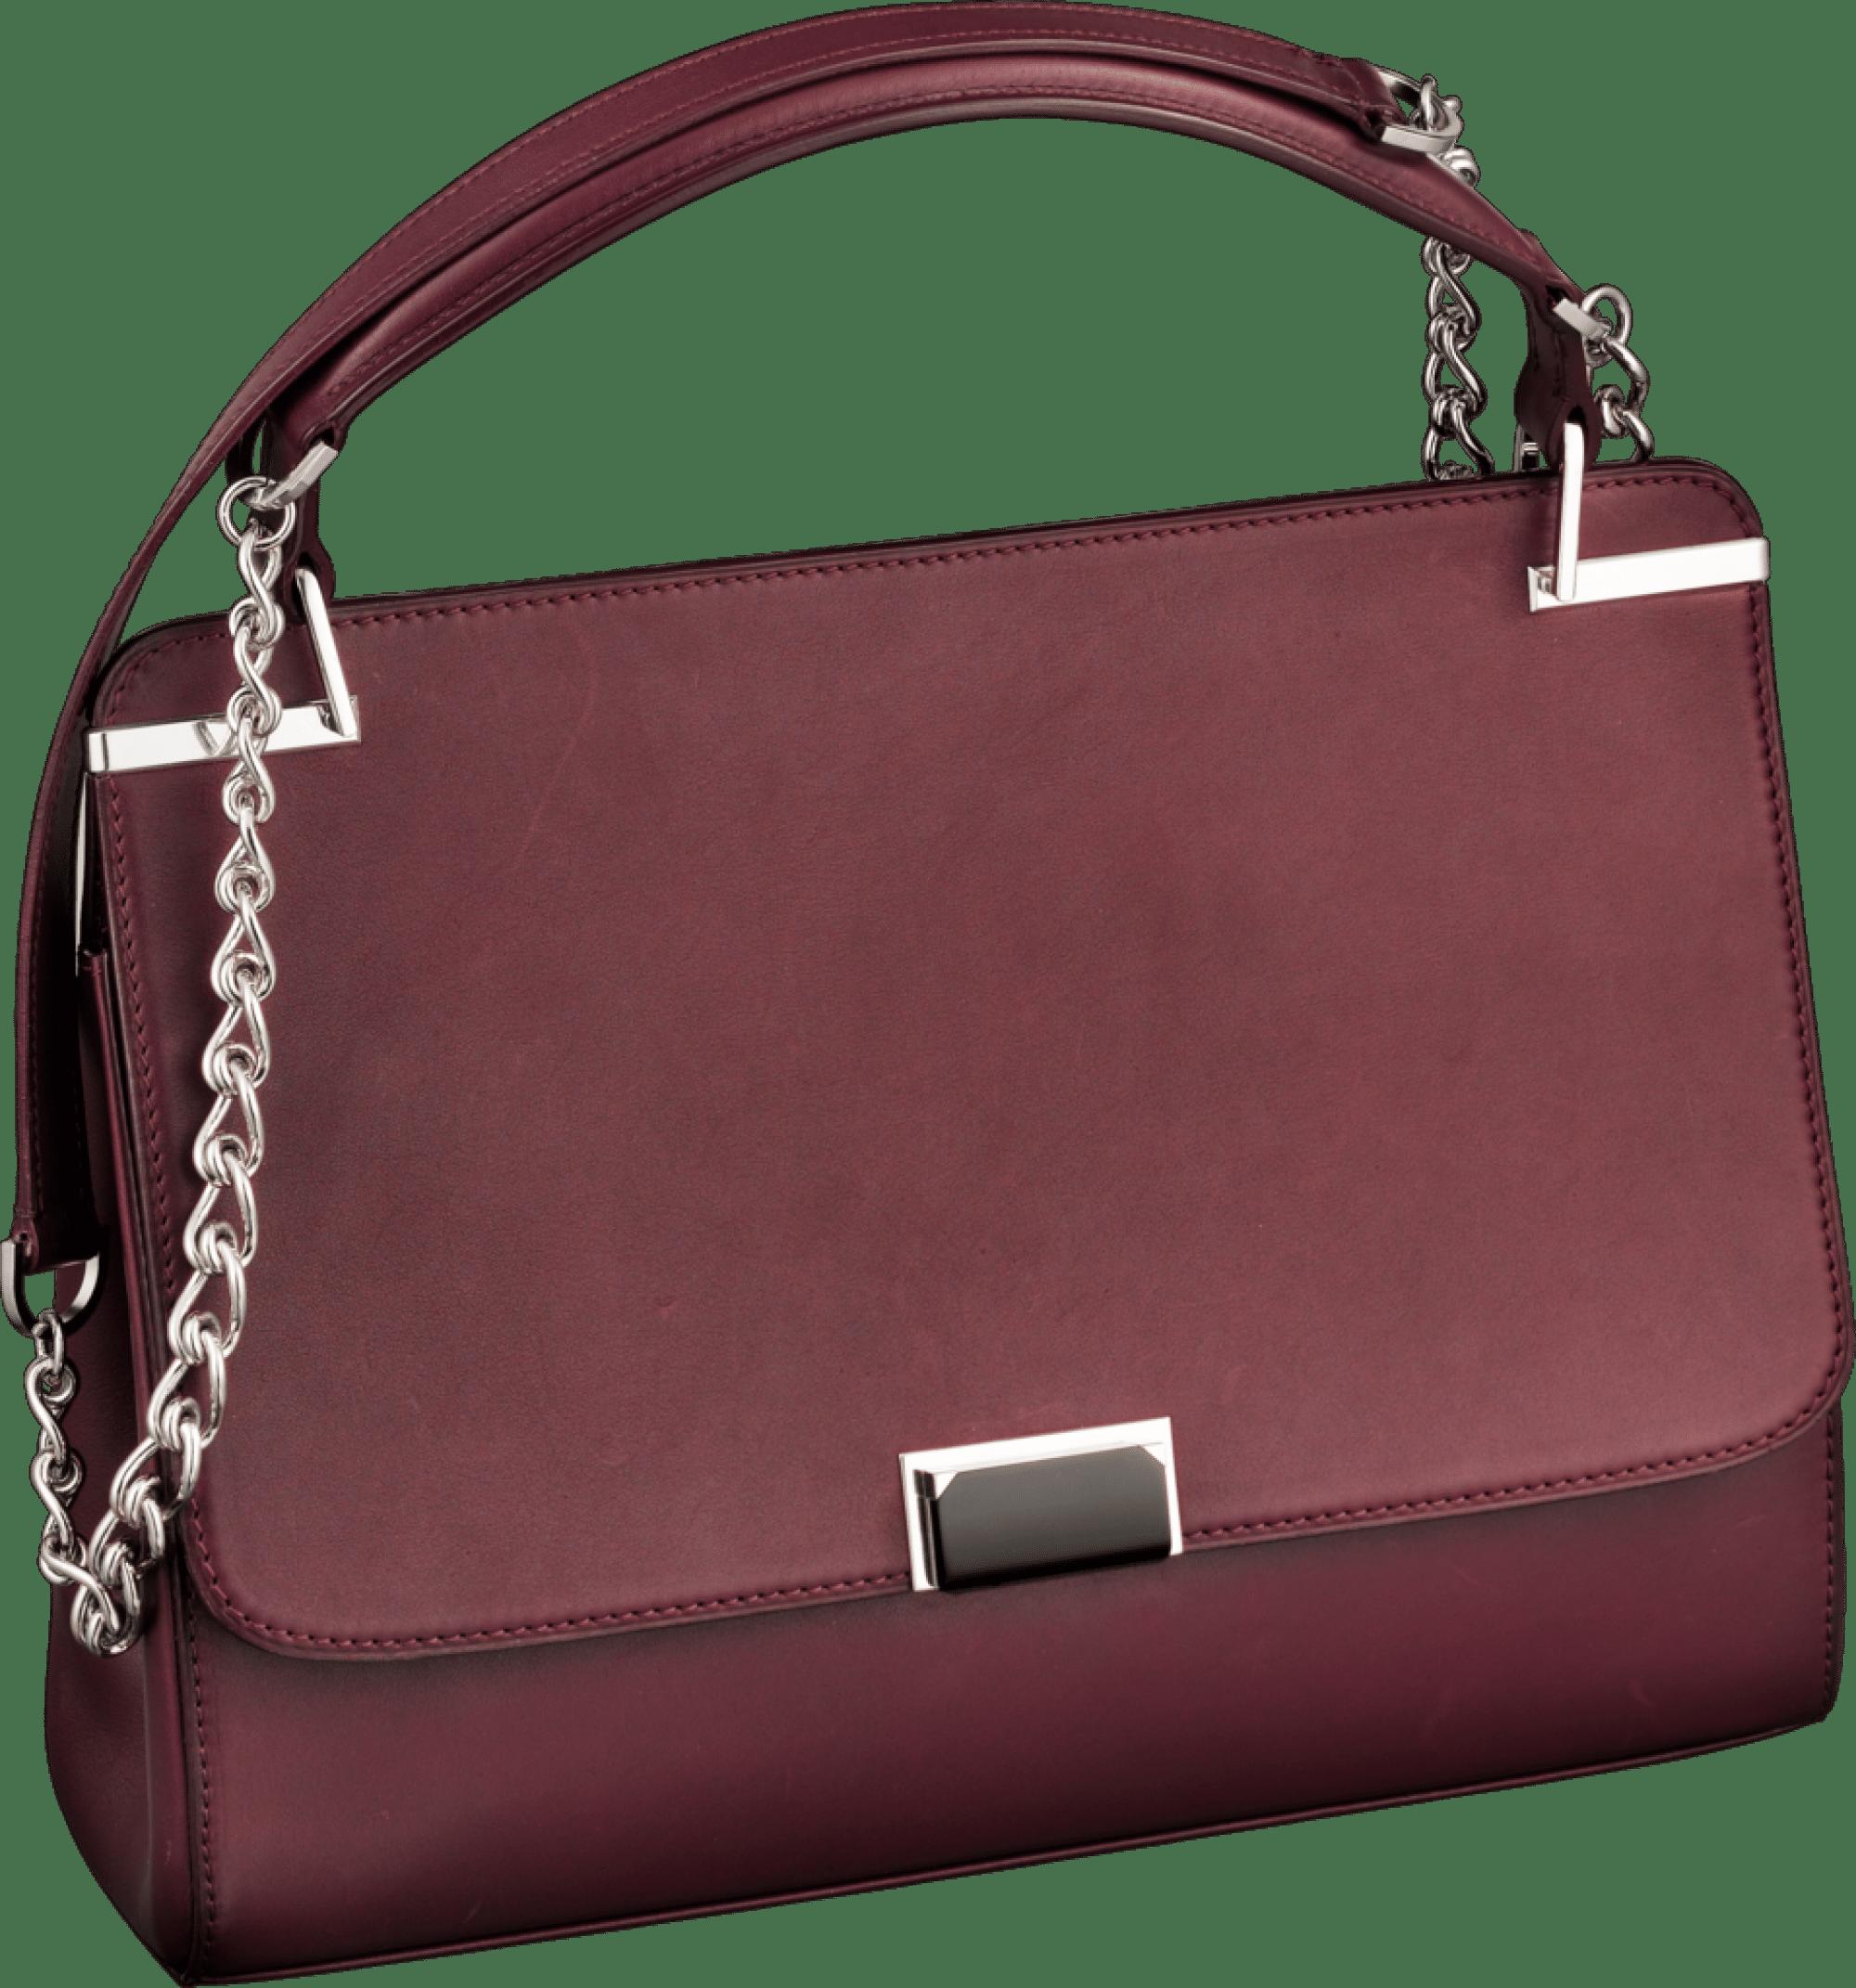 cartier-jeanne-toussaint-handbag-burgundy